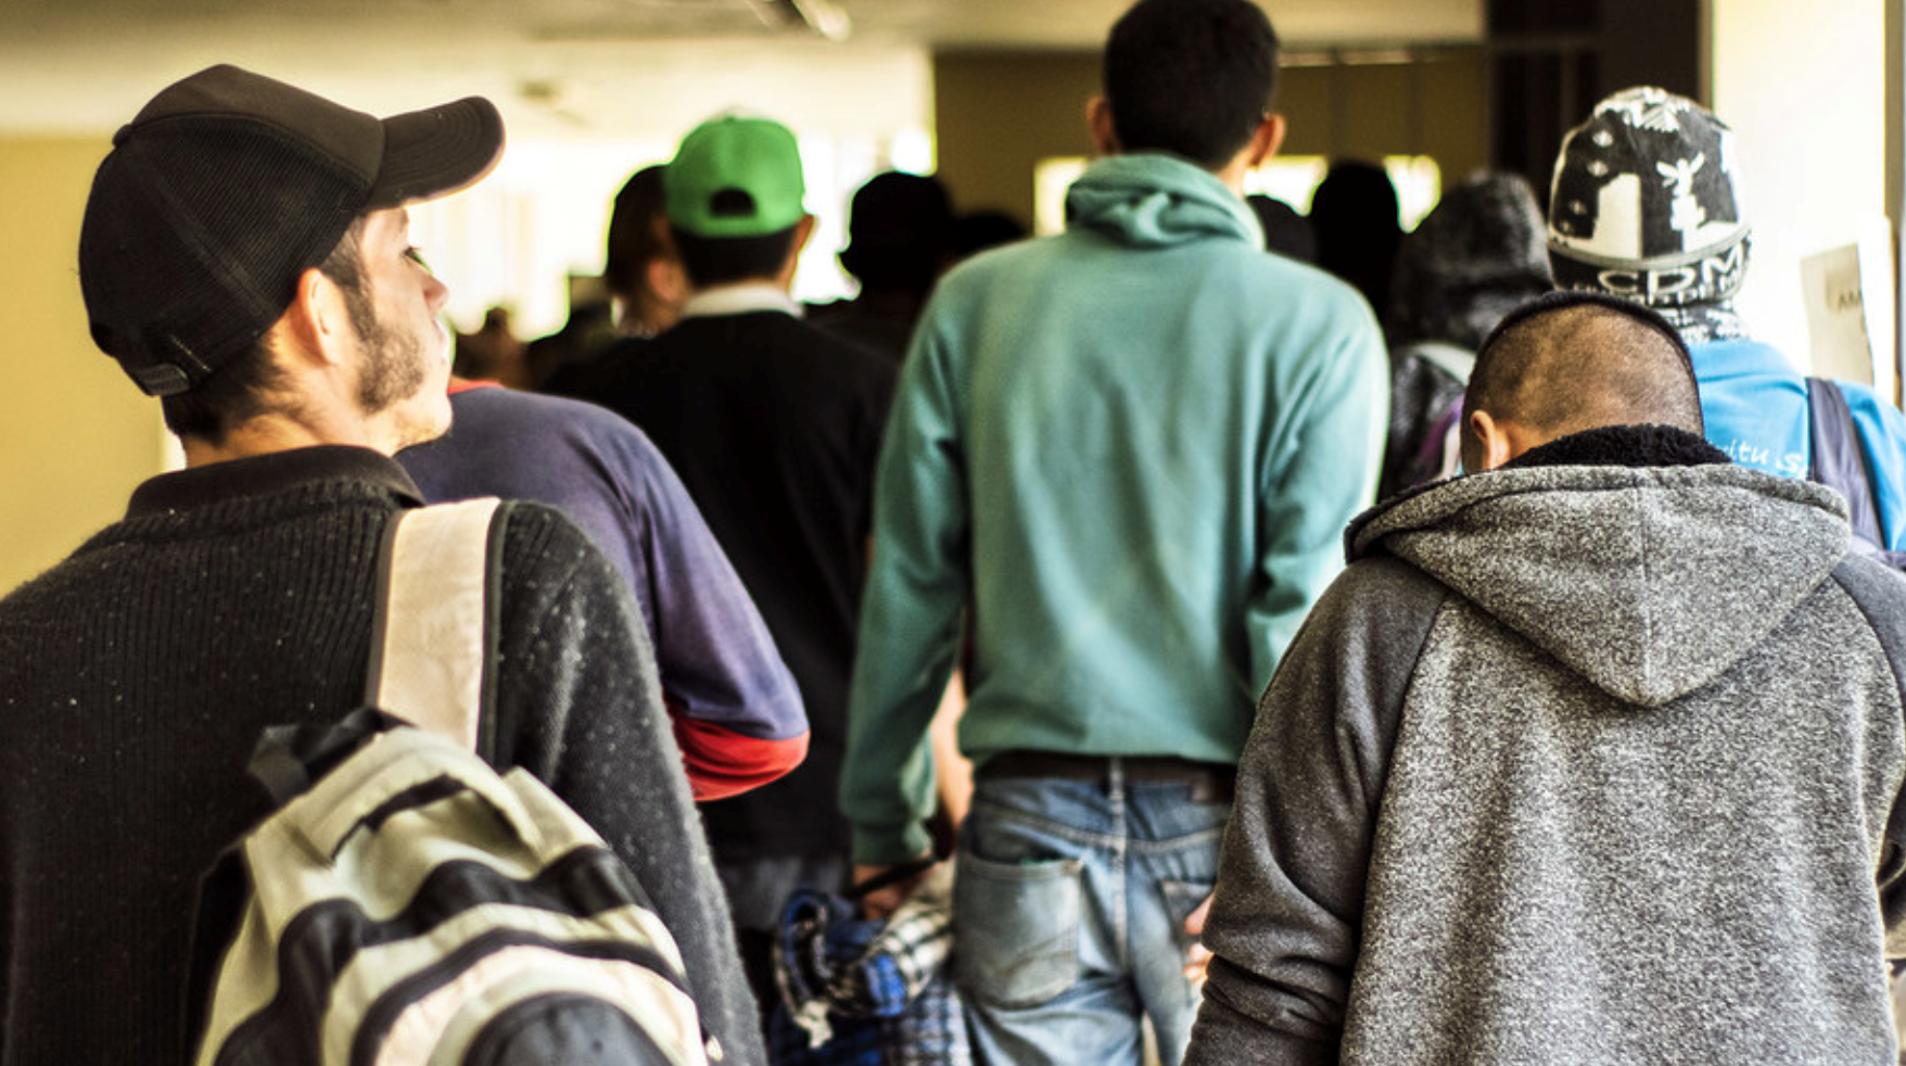 La pandemia cancela o pospone un 60% de los planes migratorios de centroamericanos y mexicanos